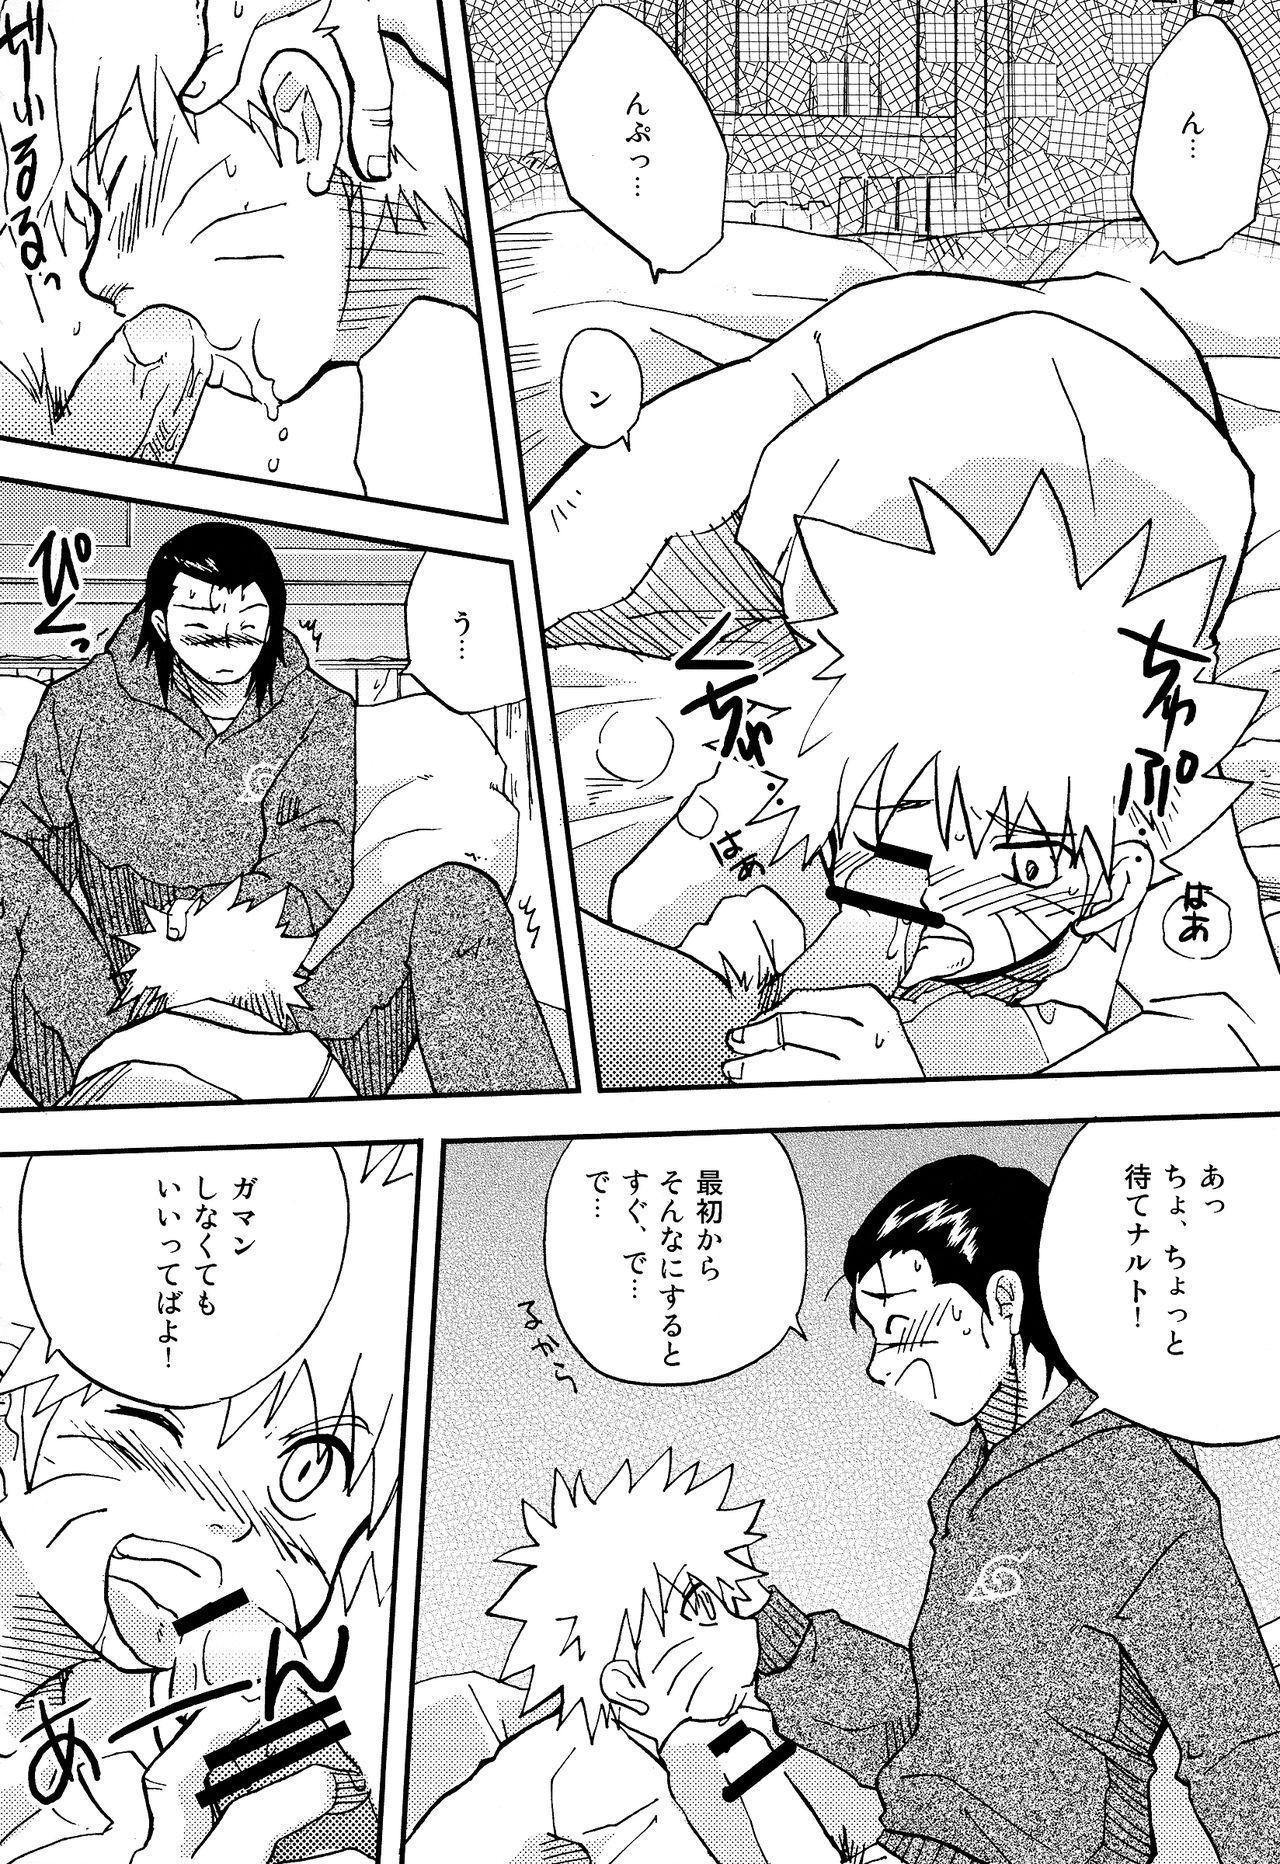 IruNaru no Wadachi 58